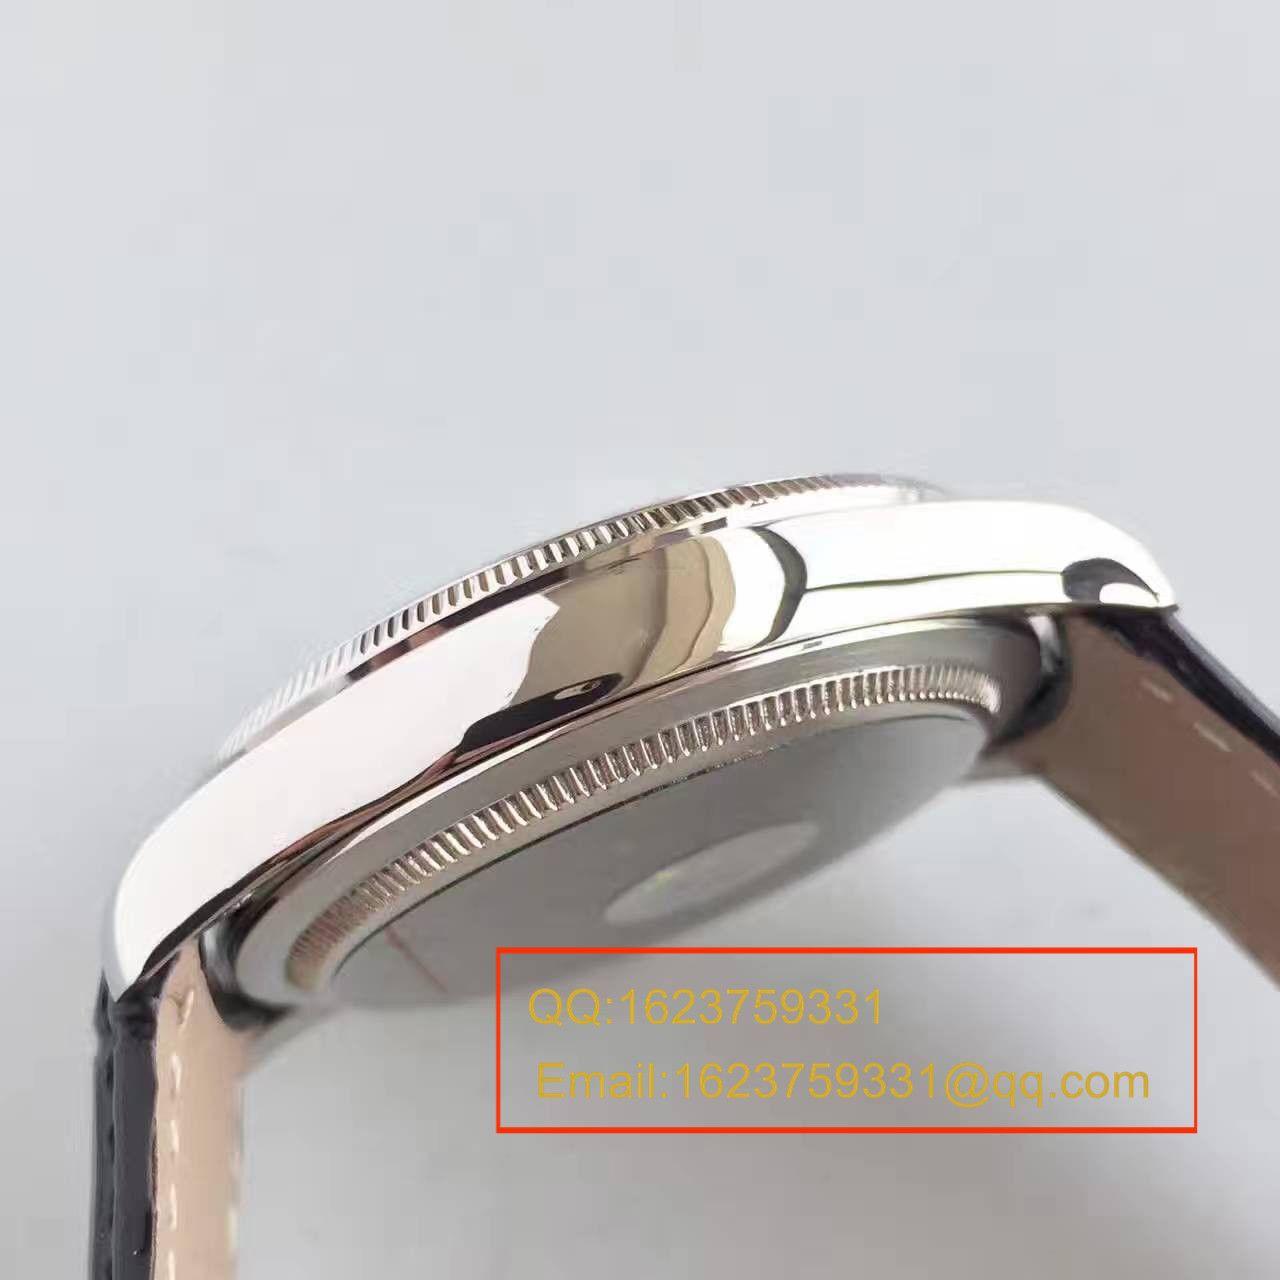 【MK一比一精仿】劳力士切利尼系列50509白盘男士机械手表 / R076